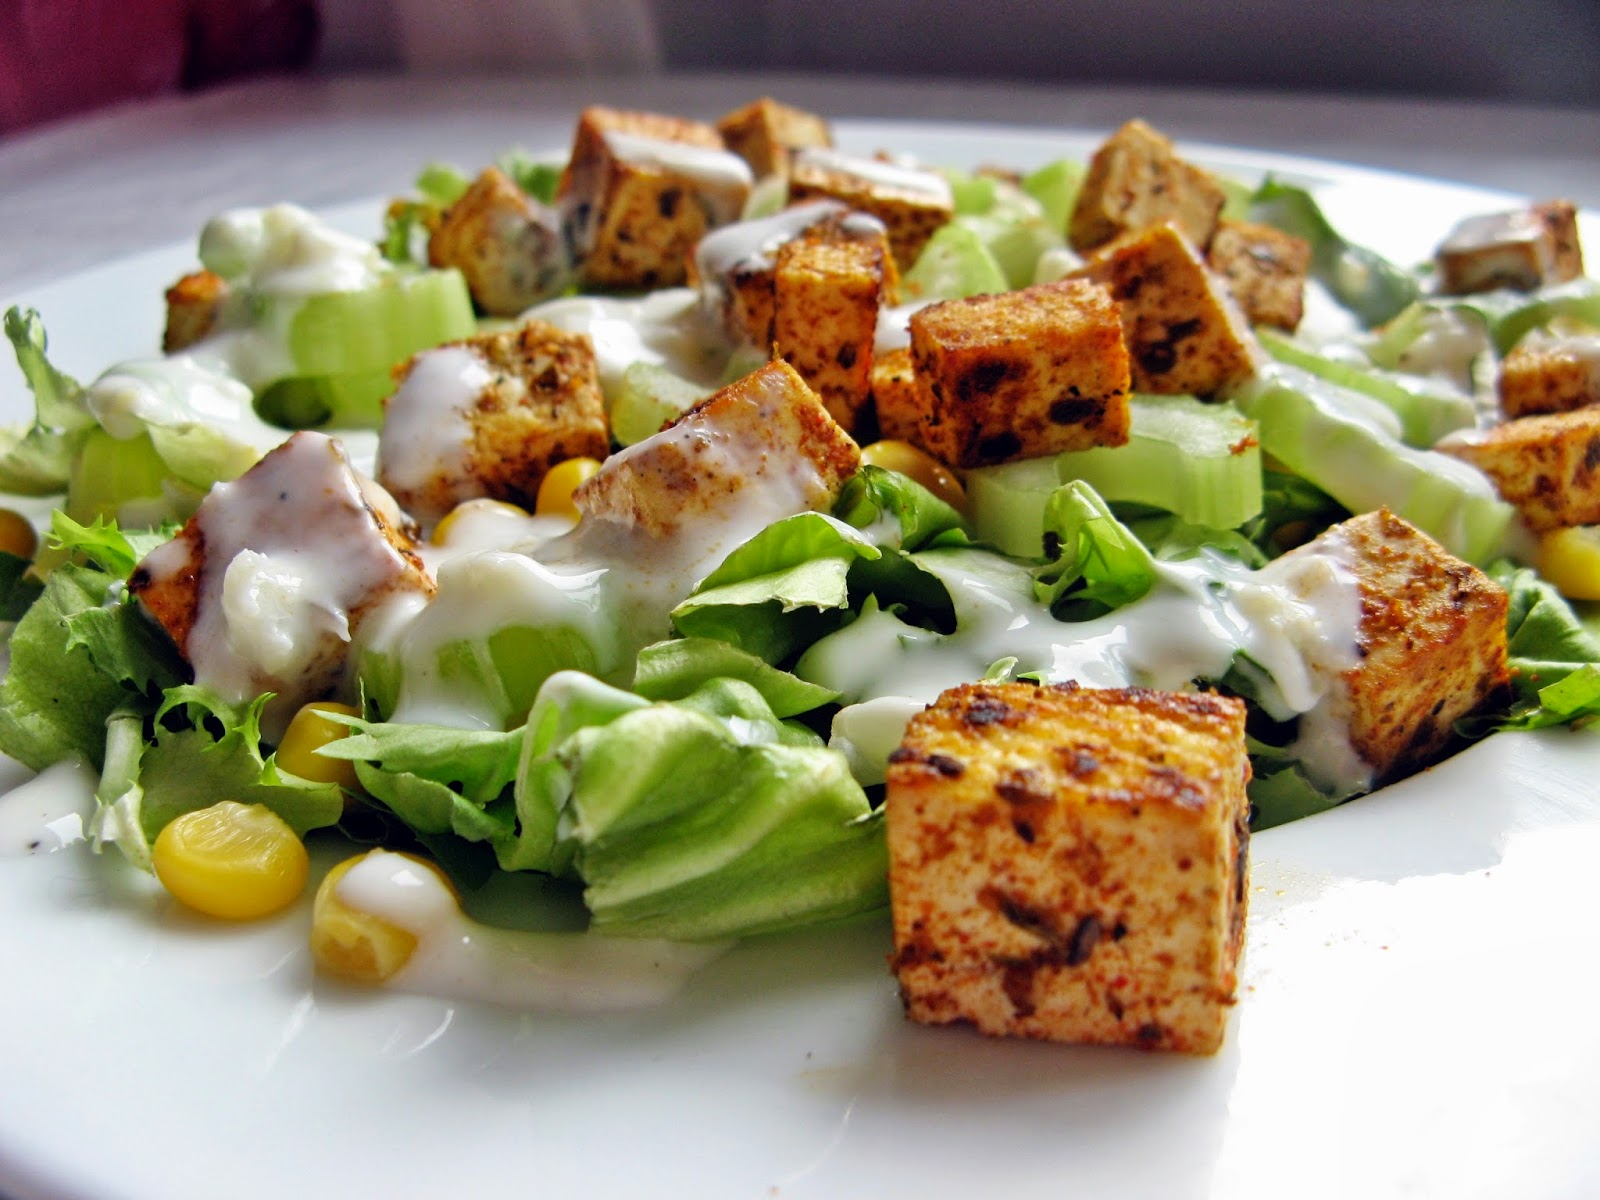 IMG 0038 - Wege sałatka z selerem naciowym i tofu